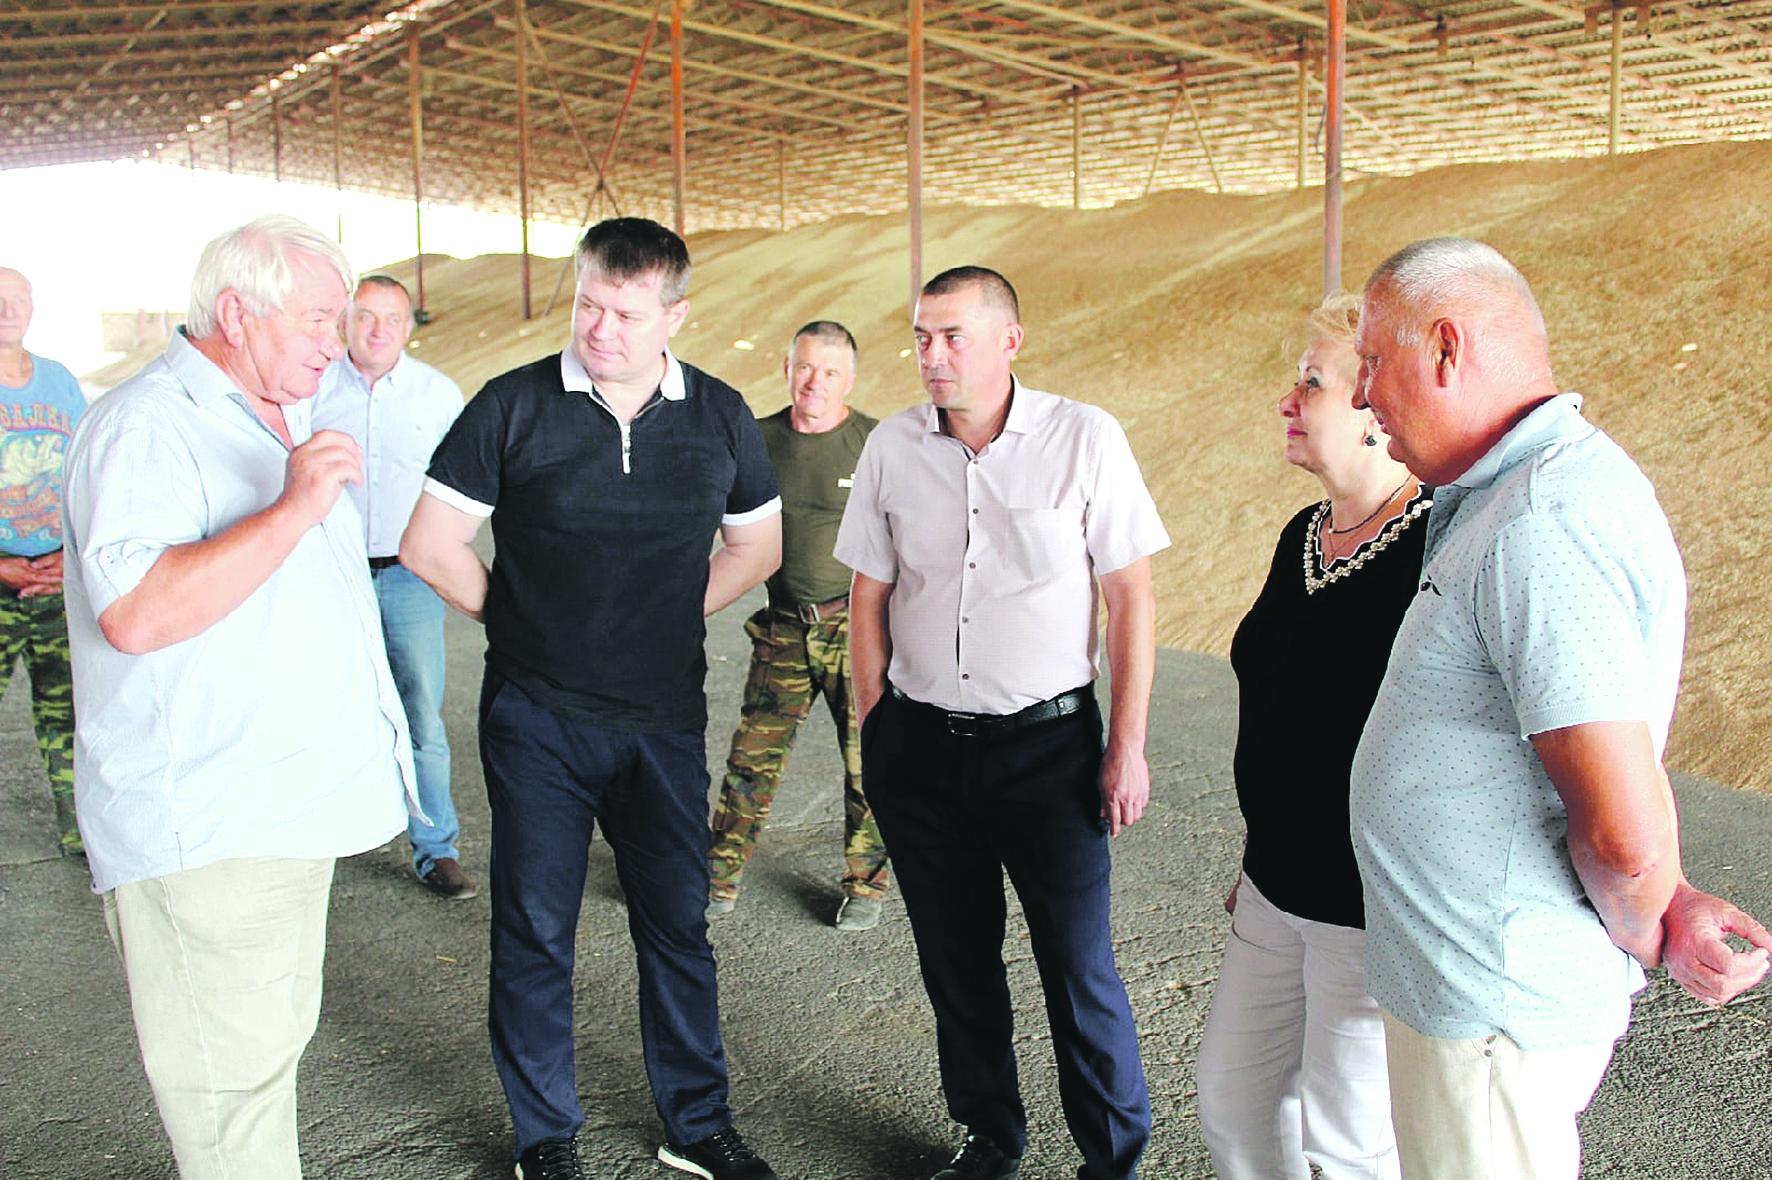 Глава администрации Белокалитвинского района О.А. Мельникова начала плановые ежегодные объезды местных аграрных предприятий